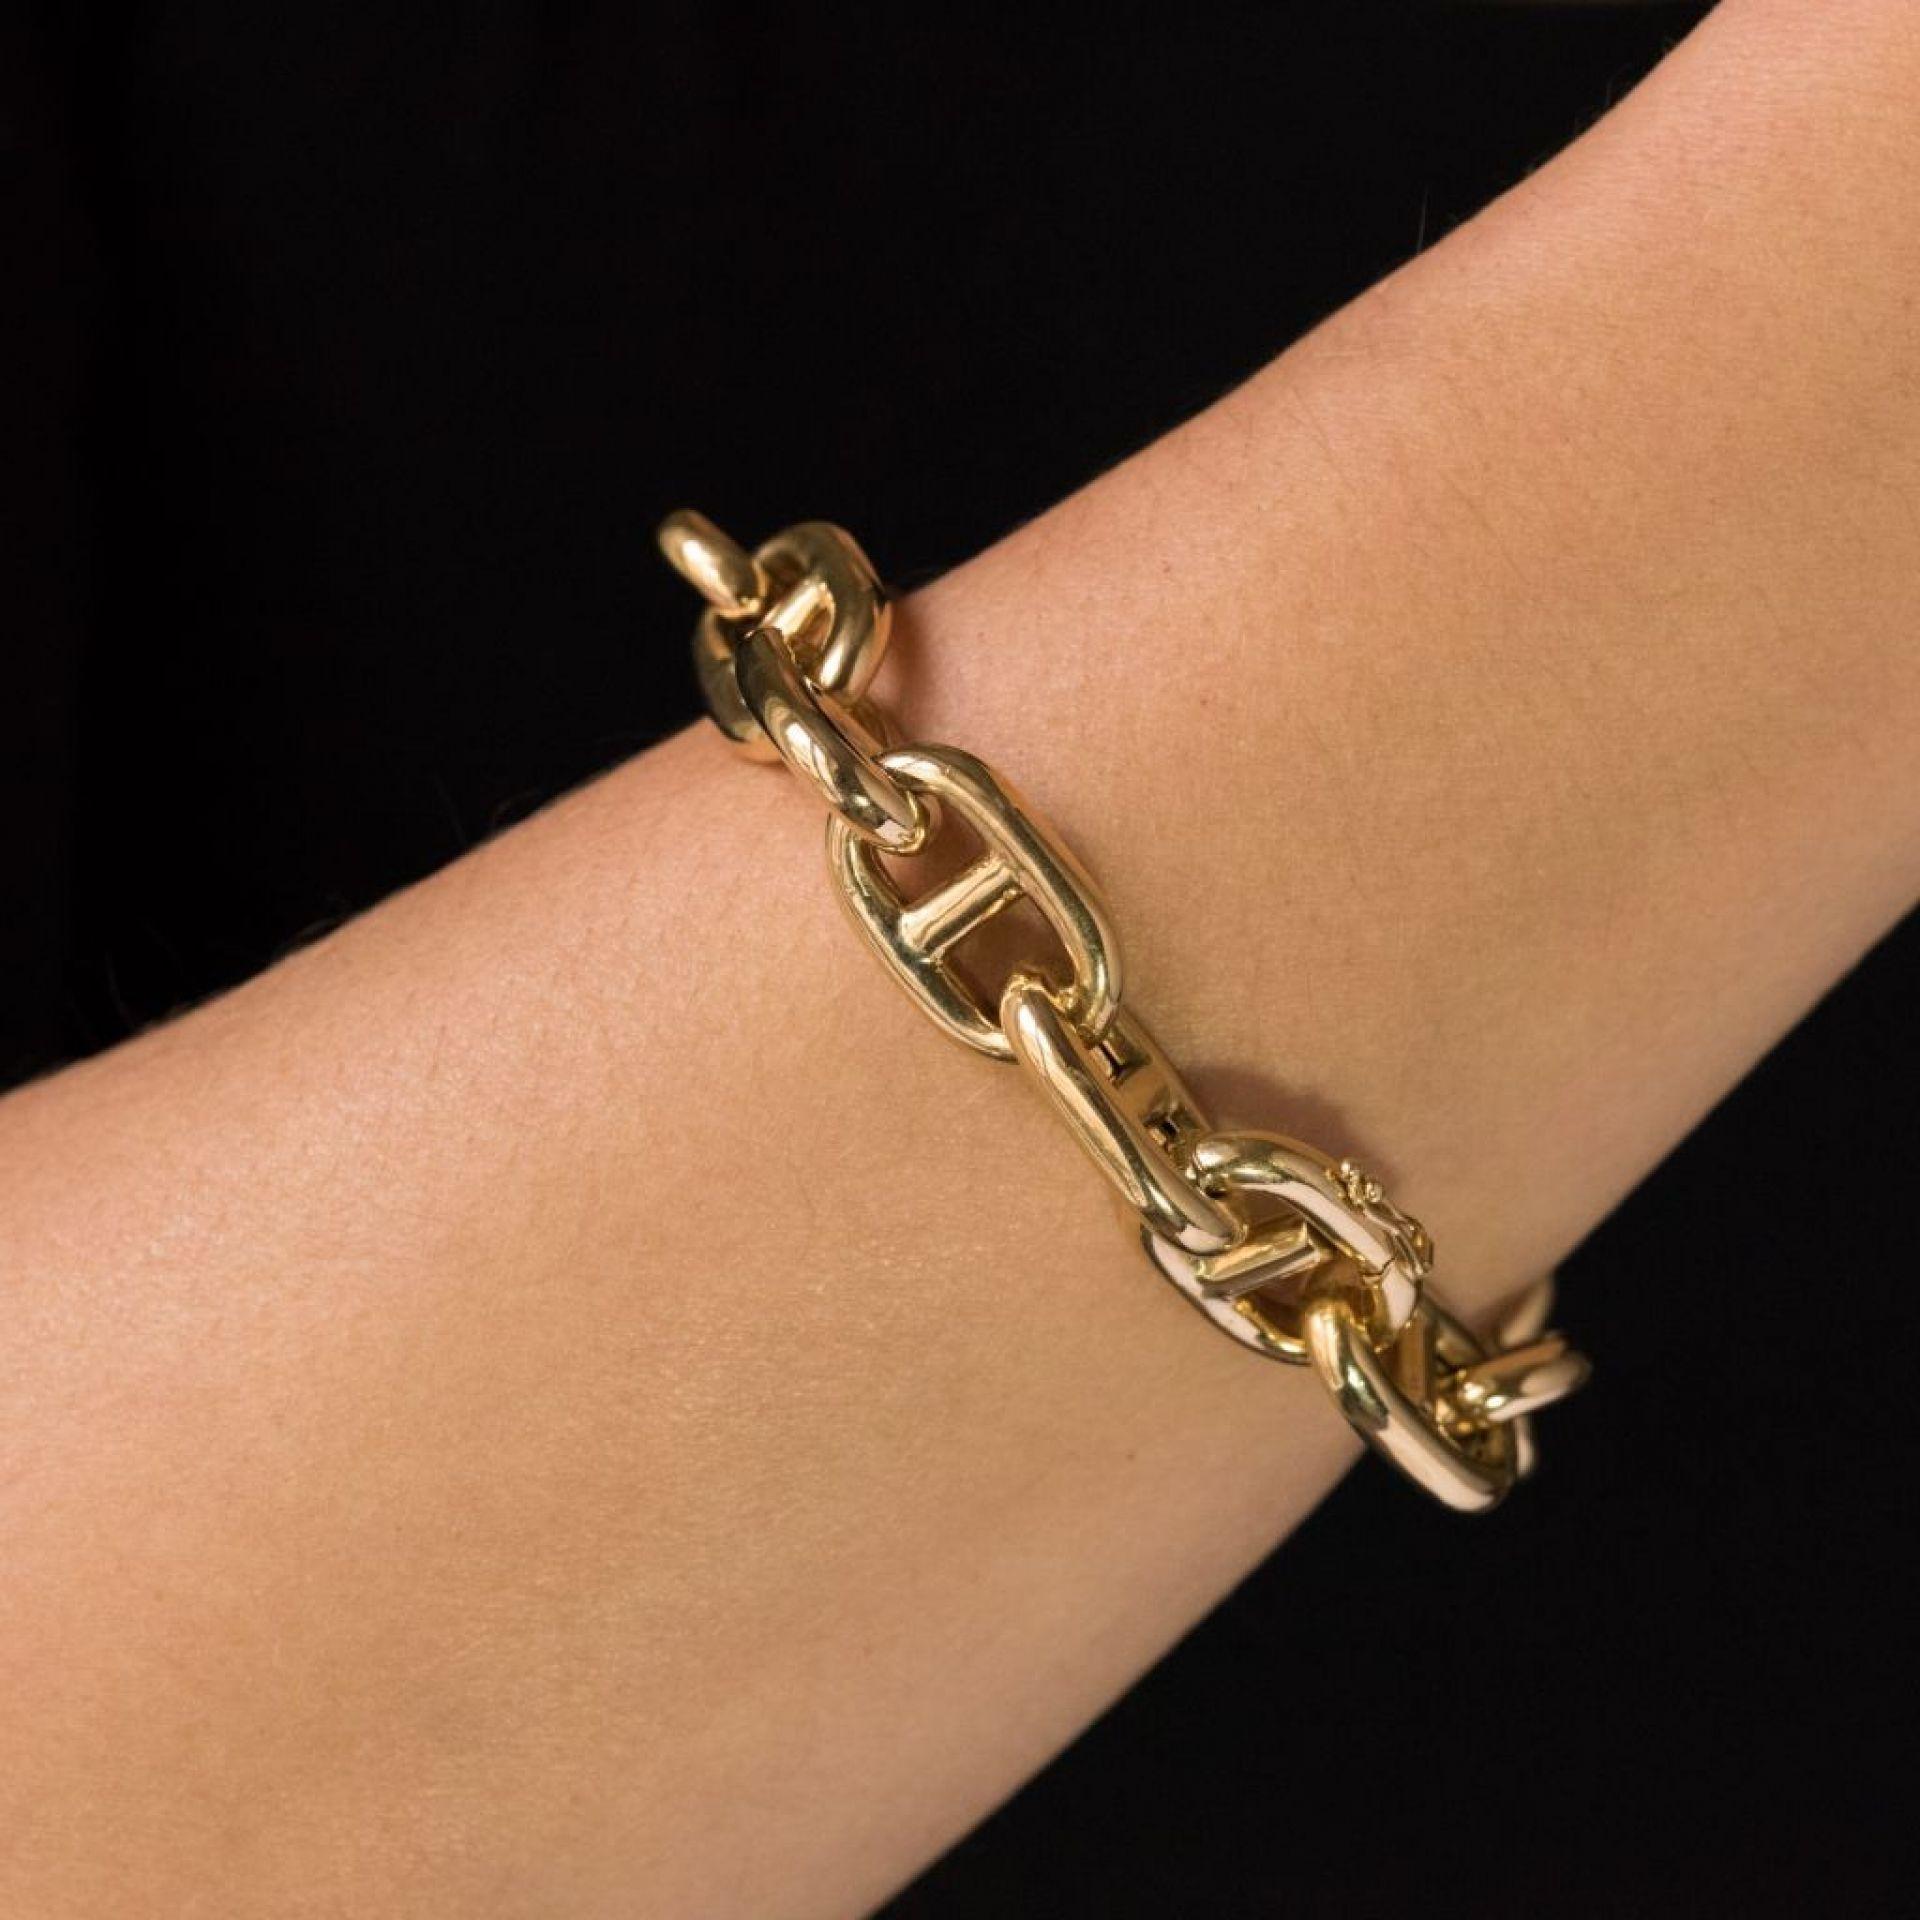 Navy gold mesh bracelet